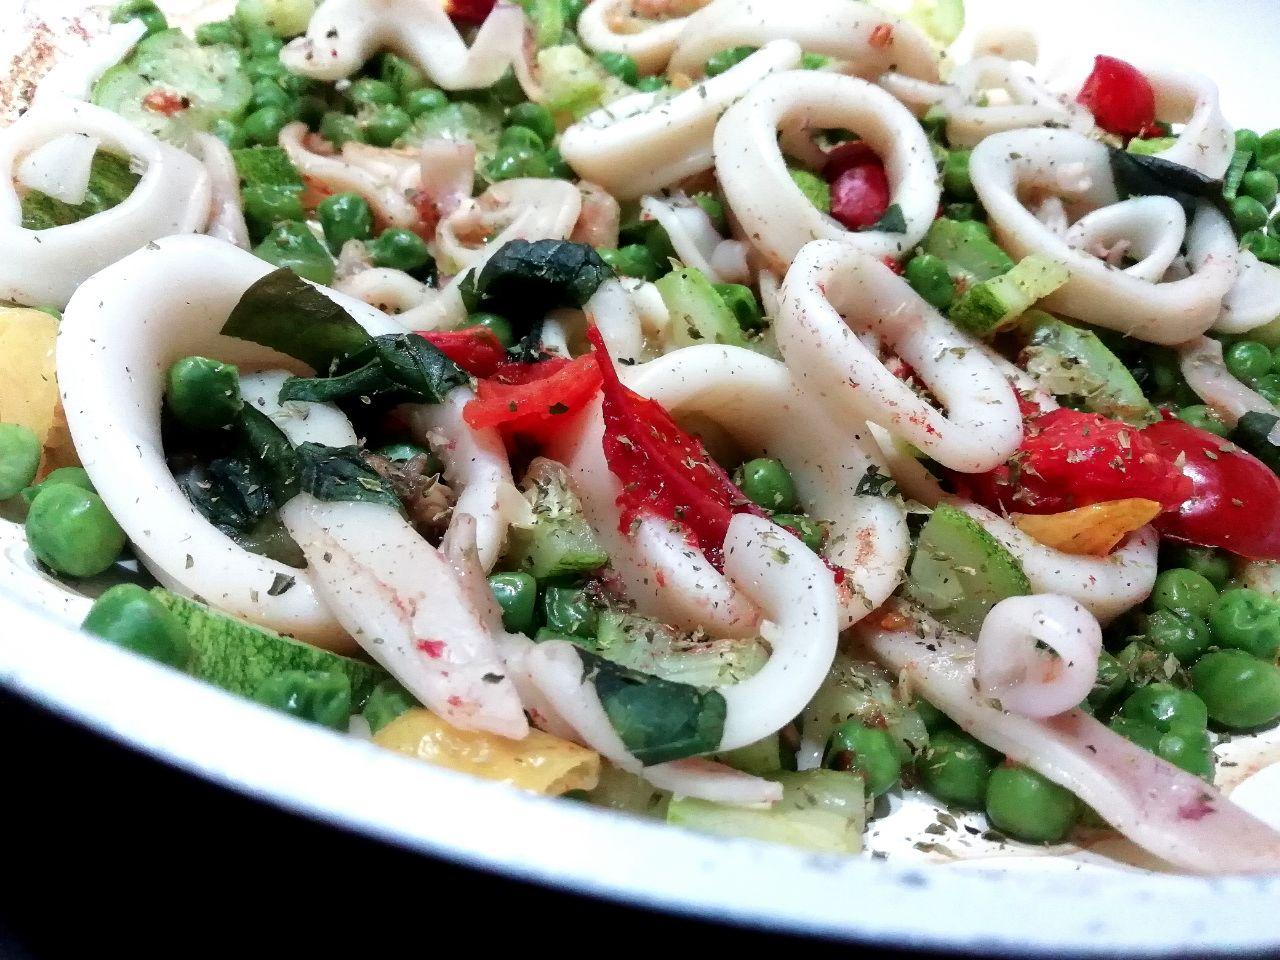 Secondi piatti a base di pesce: totano, piselli verdi, zucchine e pomodorini al peperoncino!